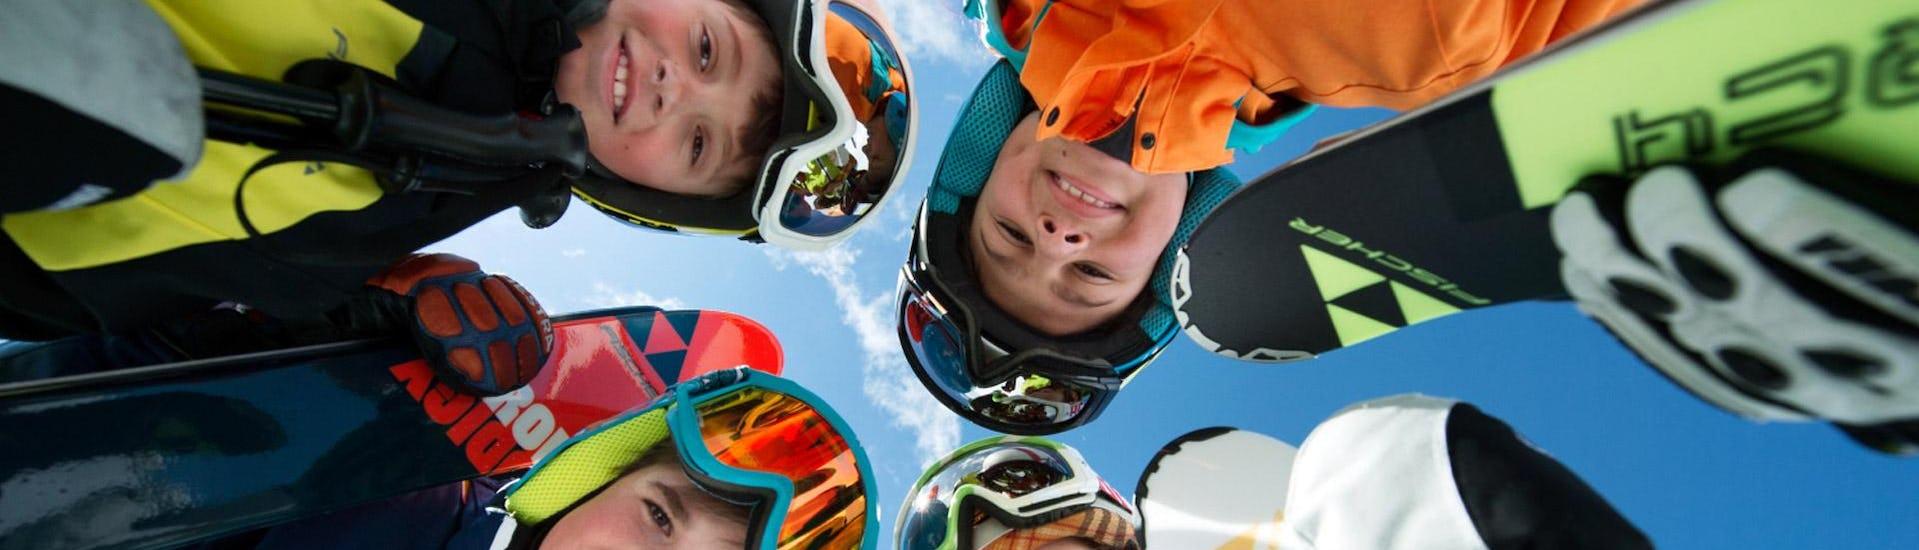 """Skikurs """"Wochenende"""" für Kinder (5-15 Jahre) - Anfänger"""